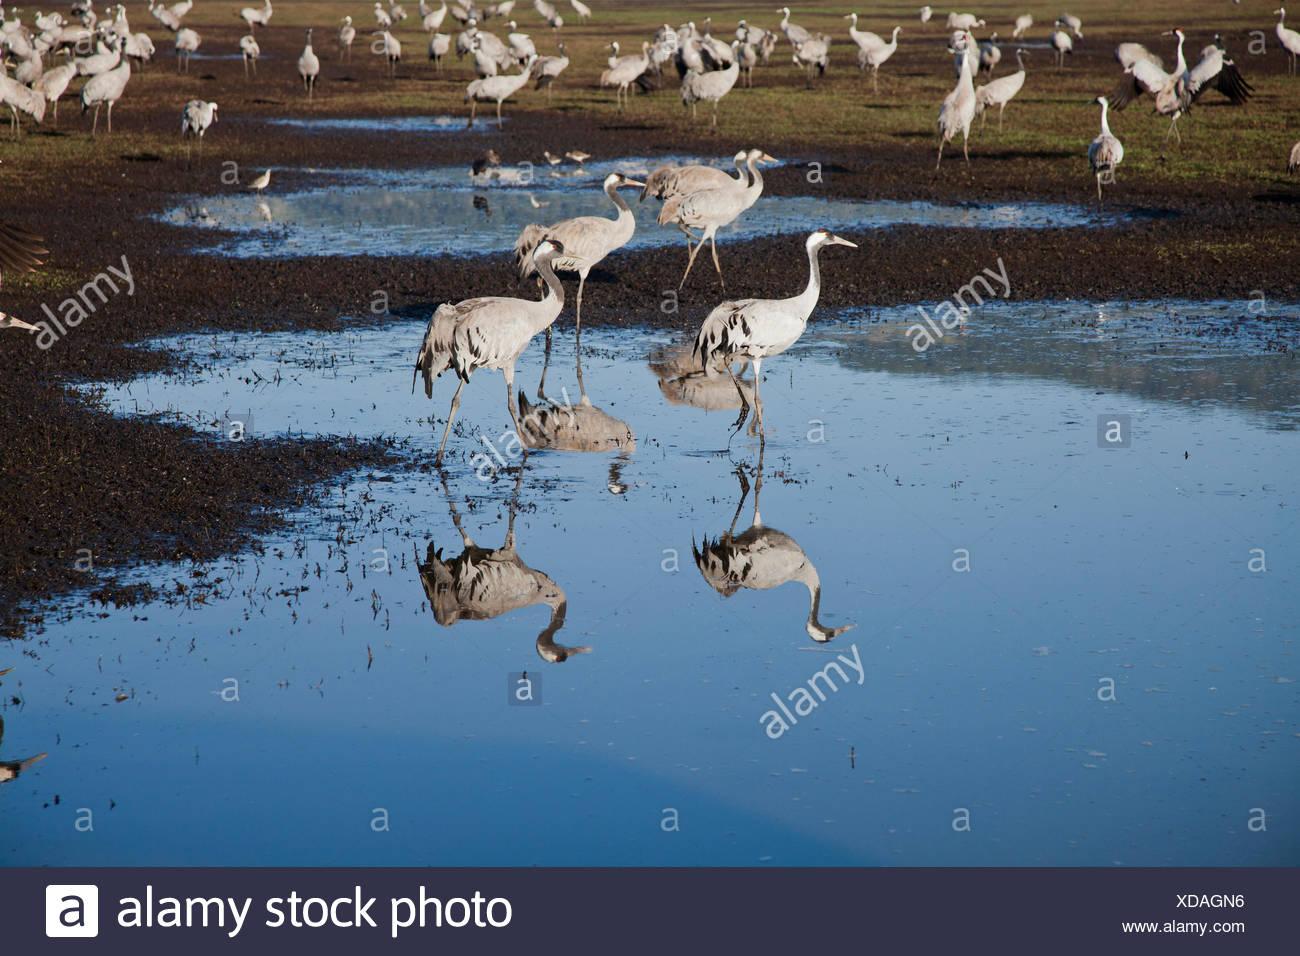 Grulla común (grus grus) una bandada en pantanos, valle de hula, Israel. Grúa de grandes especies migratorias que vive en prados húmedos y ma Foto de stock